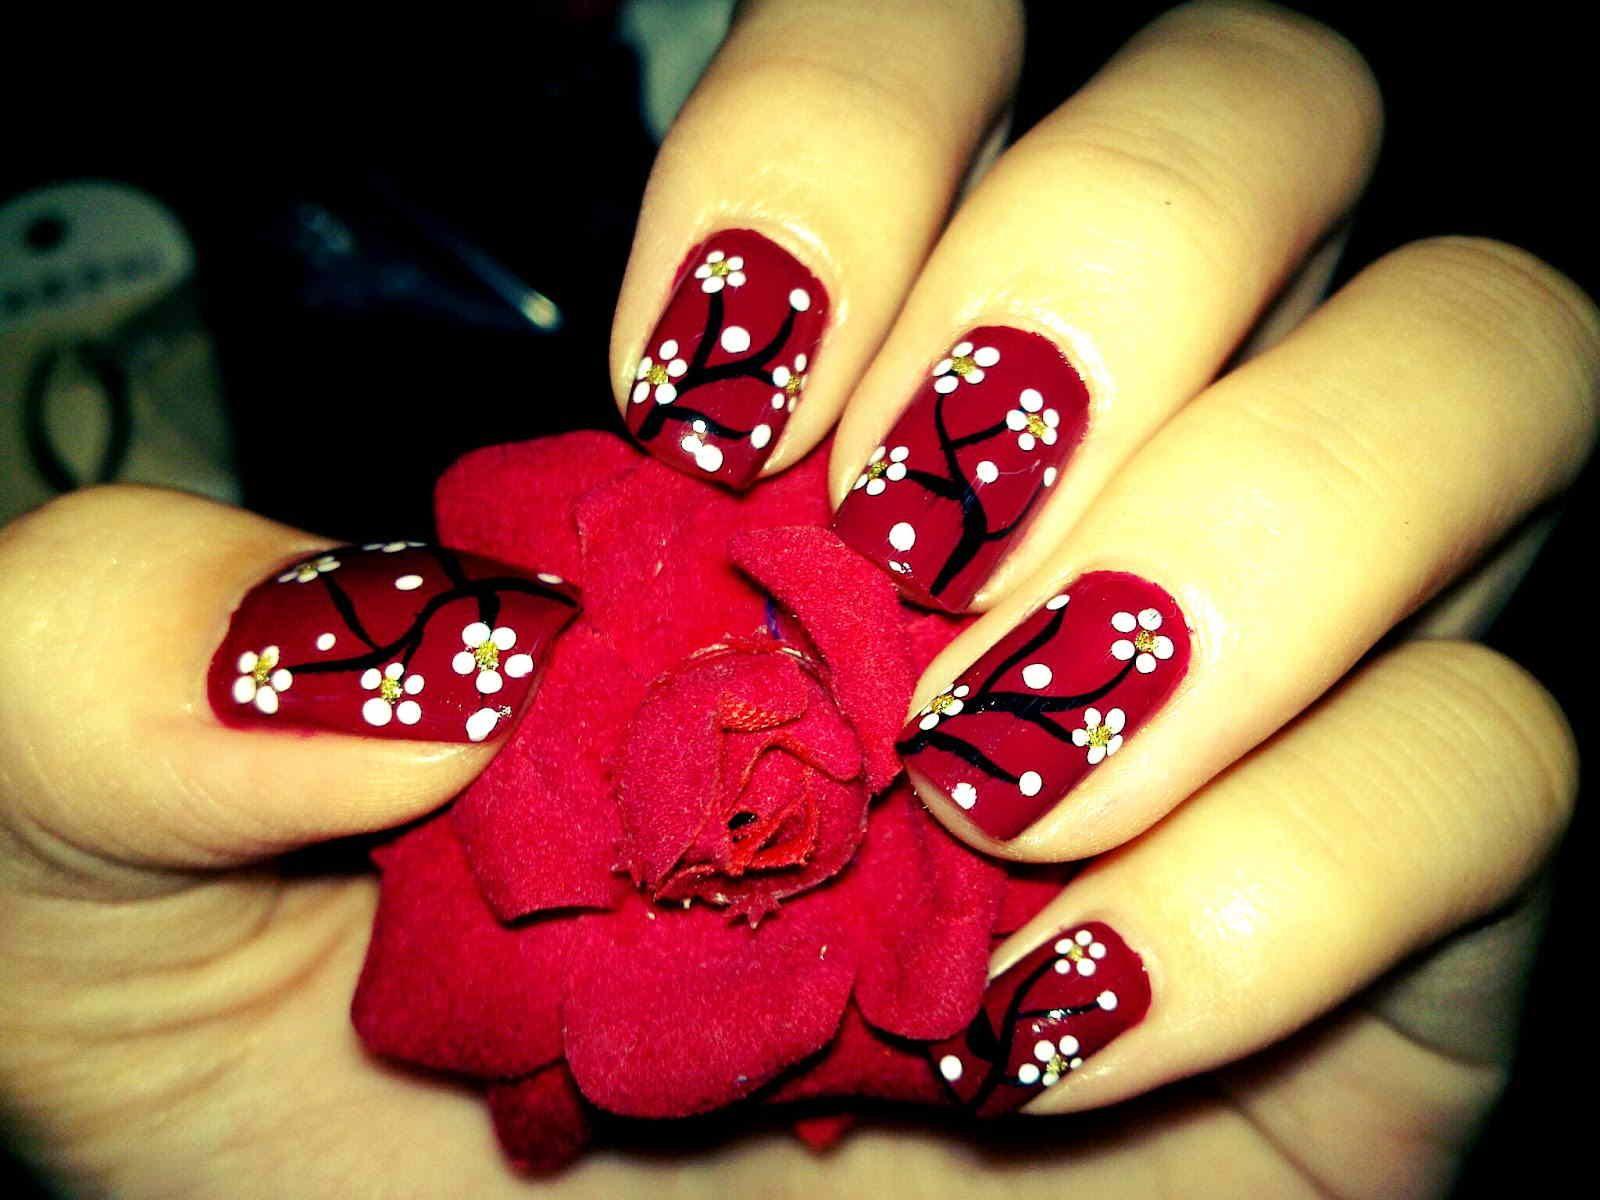 New nail art designs,acrylic nail designs, nail art ideas, french ...